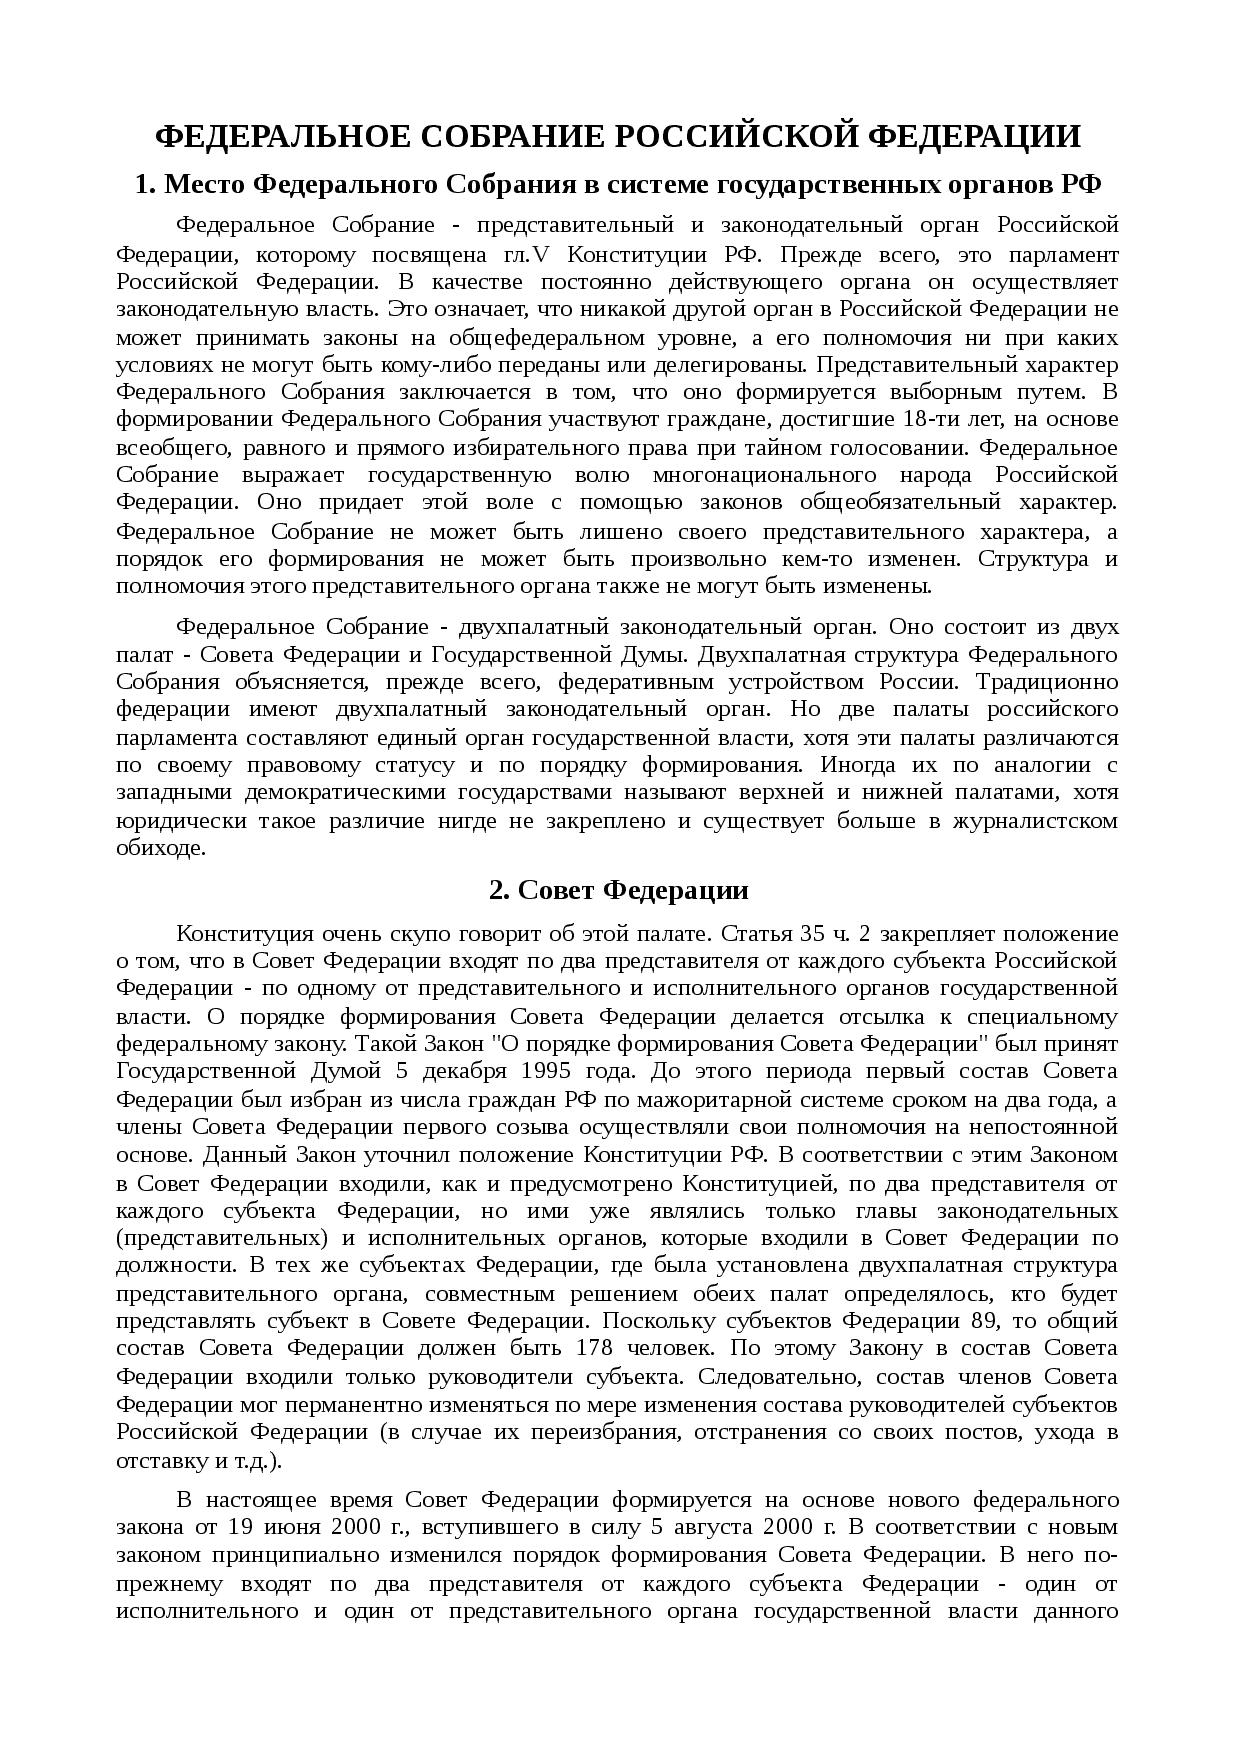 Федеральное собрание рф. члены федерального собрания россии. структура федерального собрания